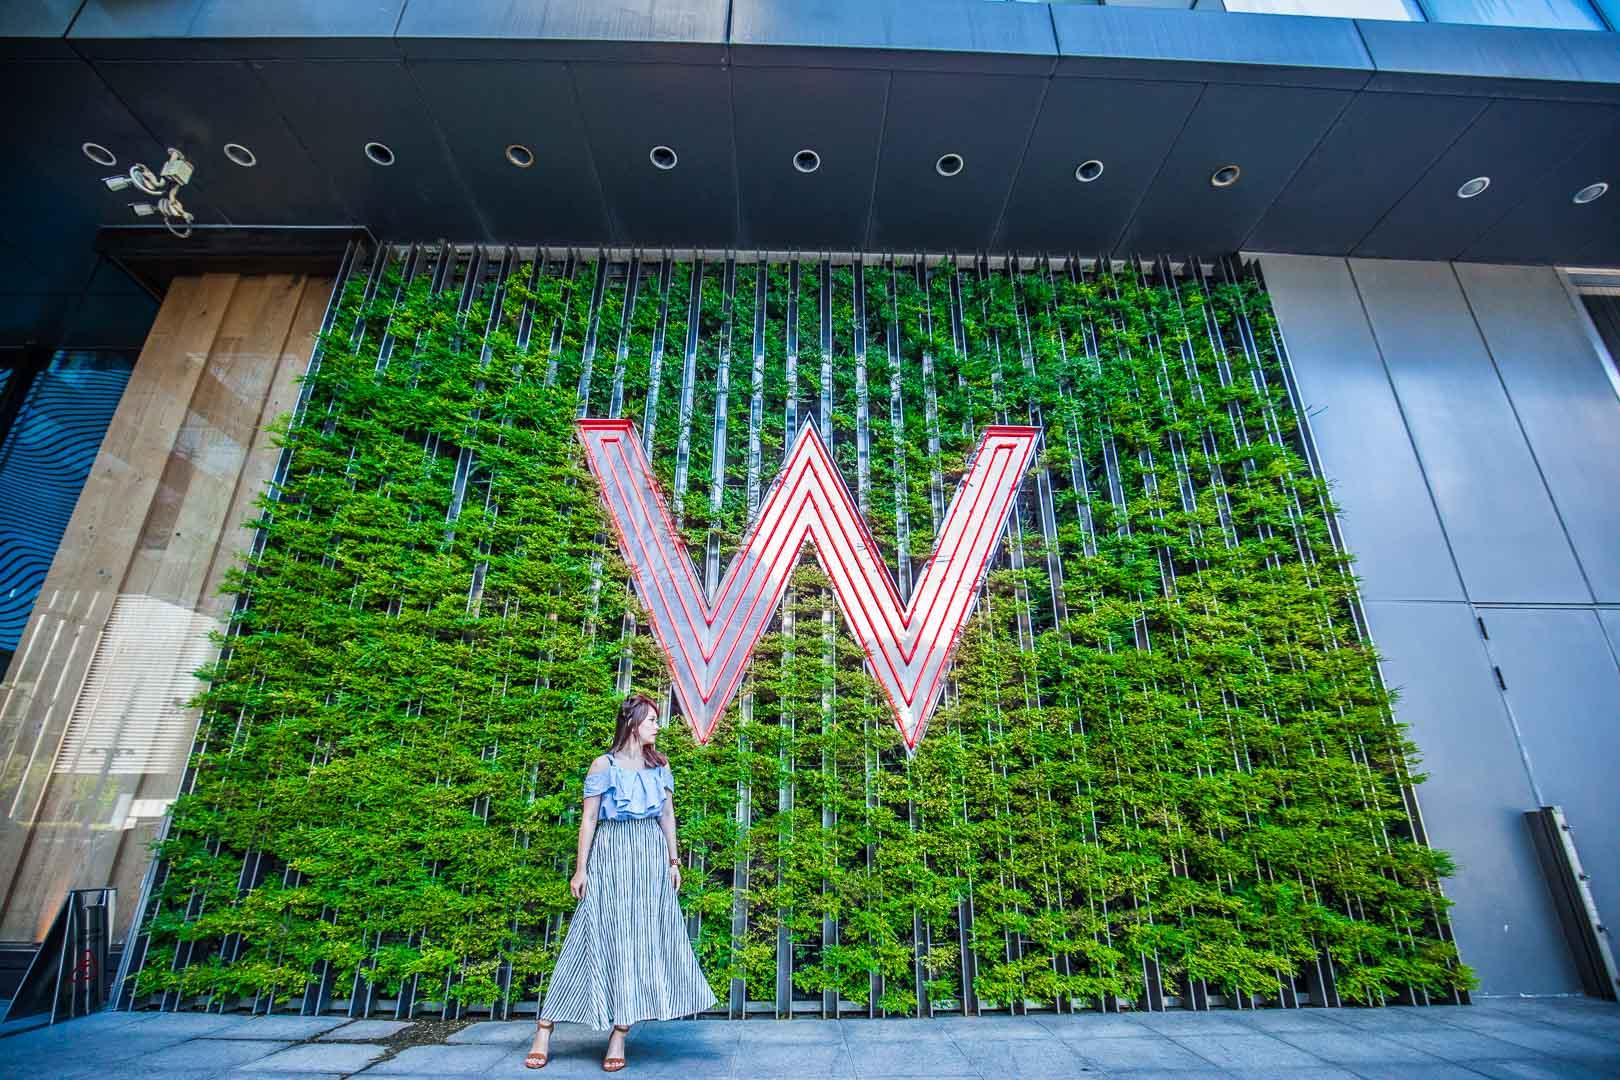 [台北住宿]W Hotel Taipei/連站在門口都覺得很潮!超賺的白日夢方案又來了!含4000餐飲額度還可延遲到14點退房!